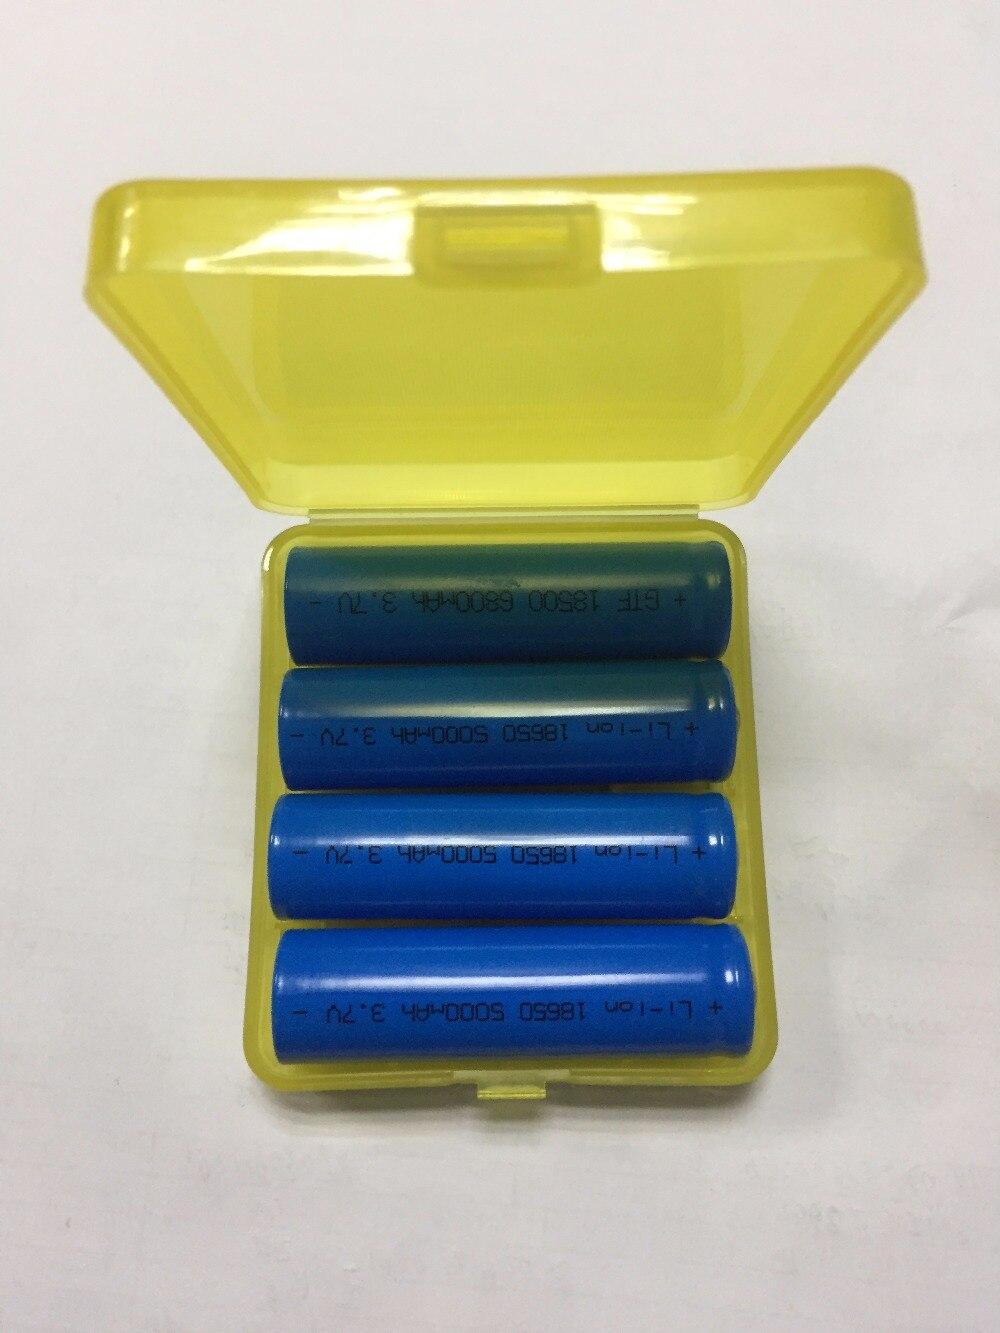 GTF 4 pc 18650 Batterie 3.7 V 5000 mAh Capacité Li-ion Rechargeable Batterie Pour lampe de Poche Torche + 18650 Batterie De Stockage boîte